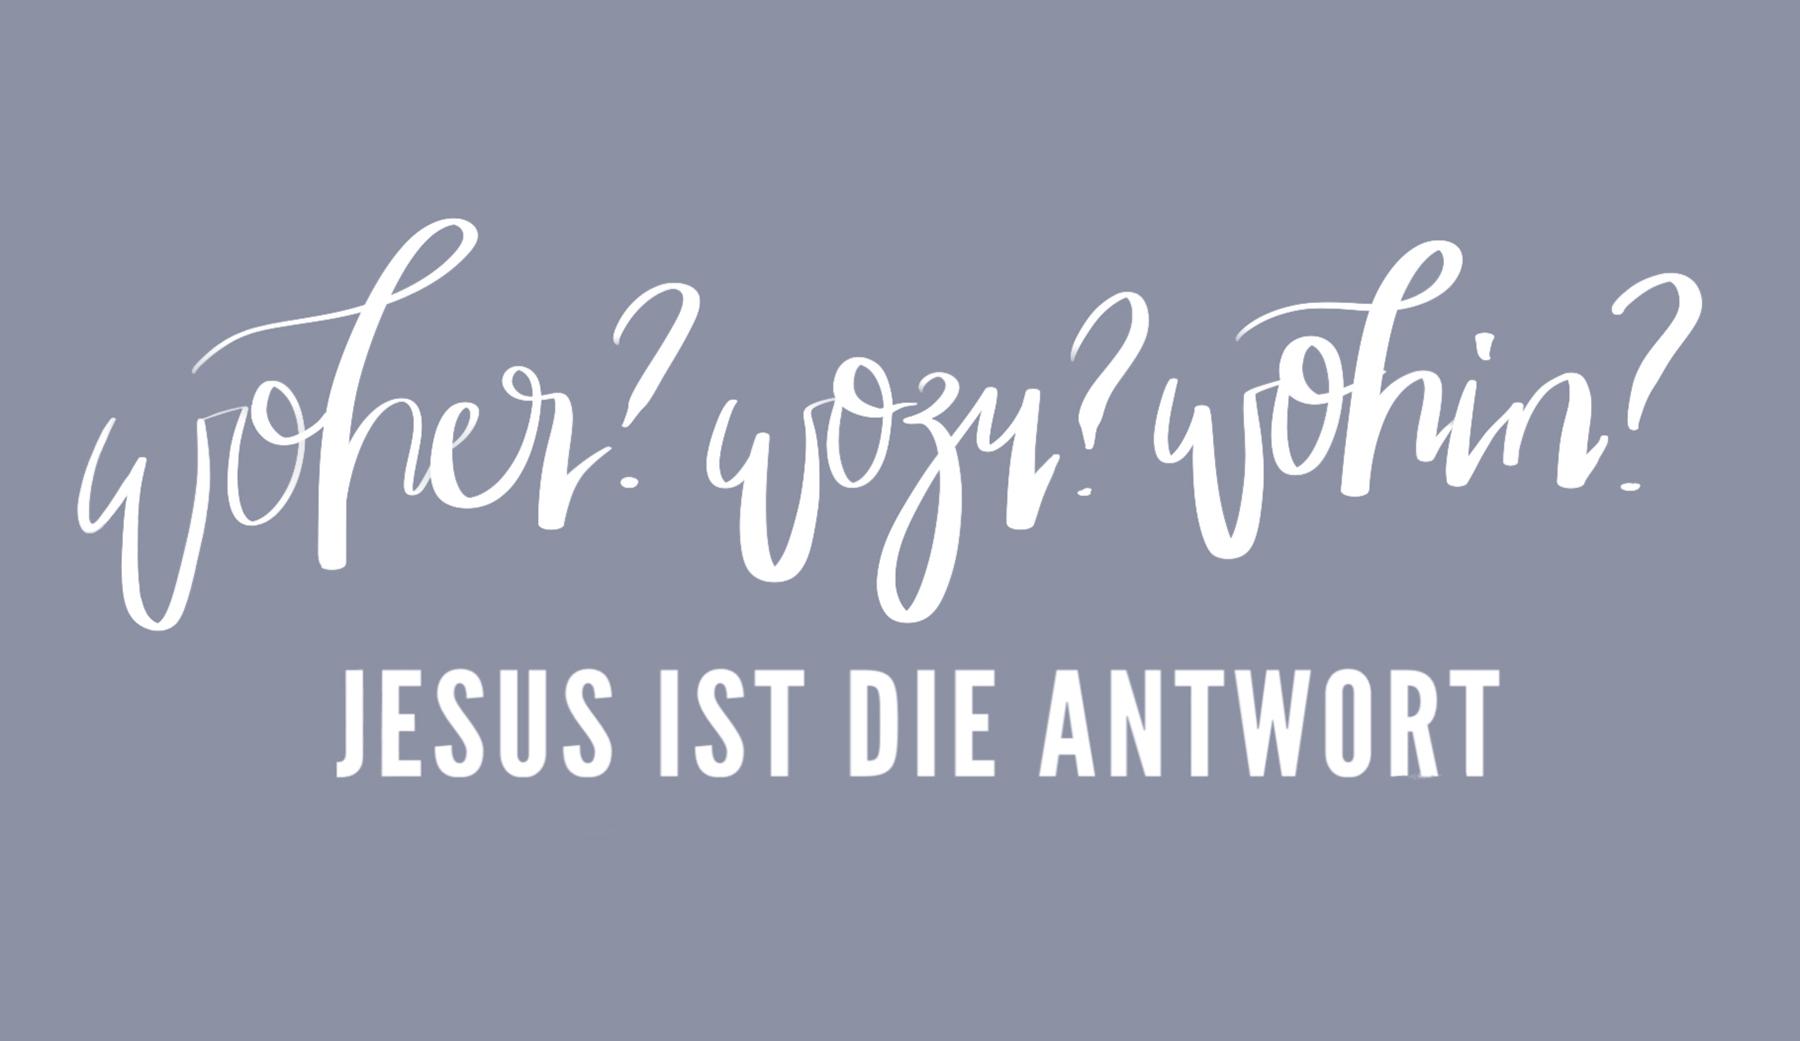 Jesus-ist-die-Antwort-Banner-Web